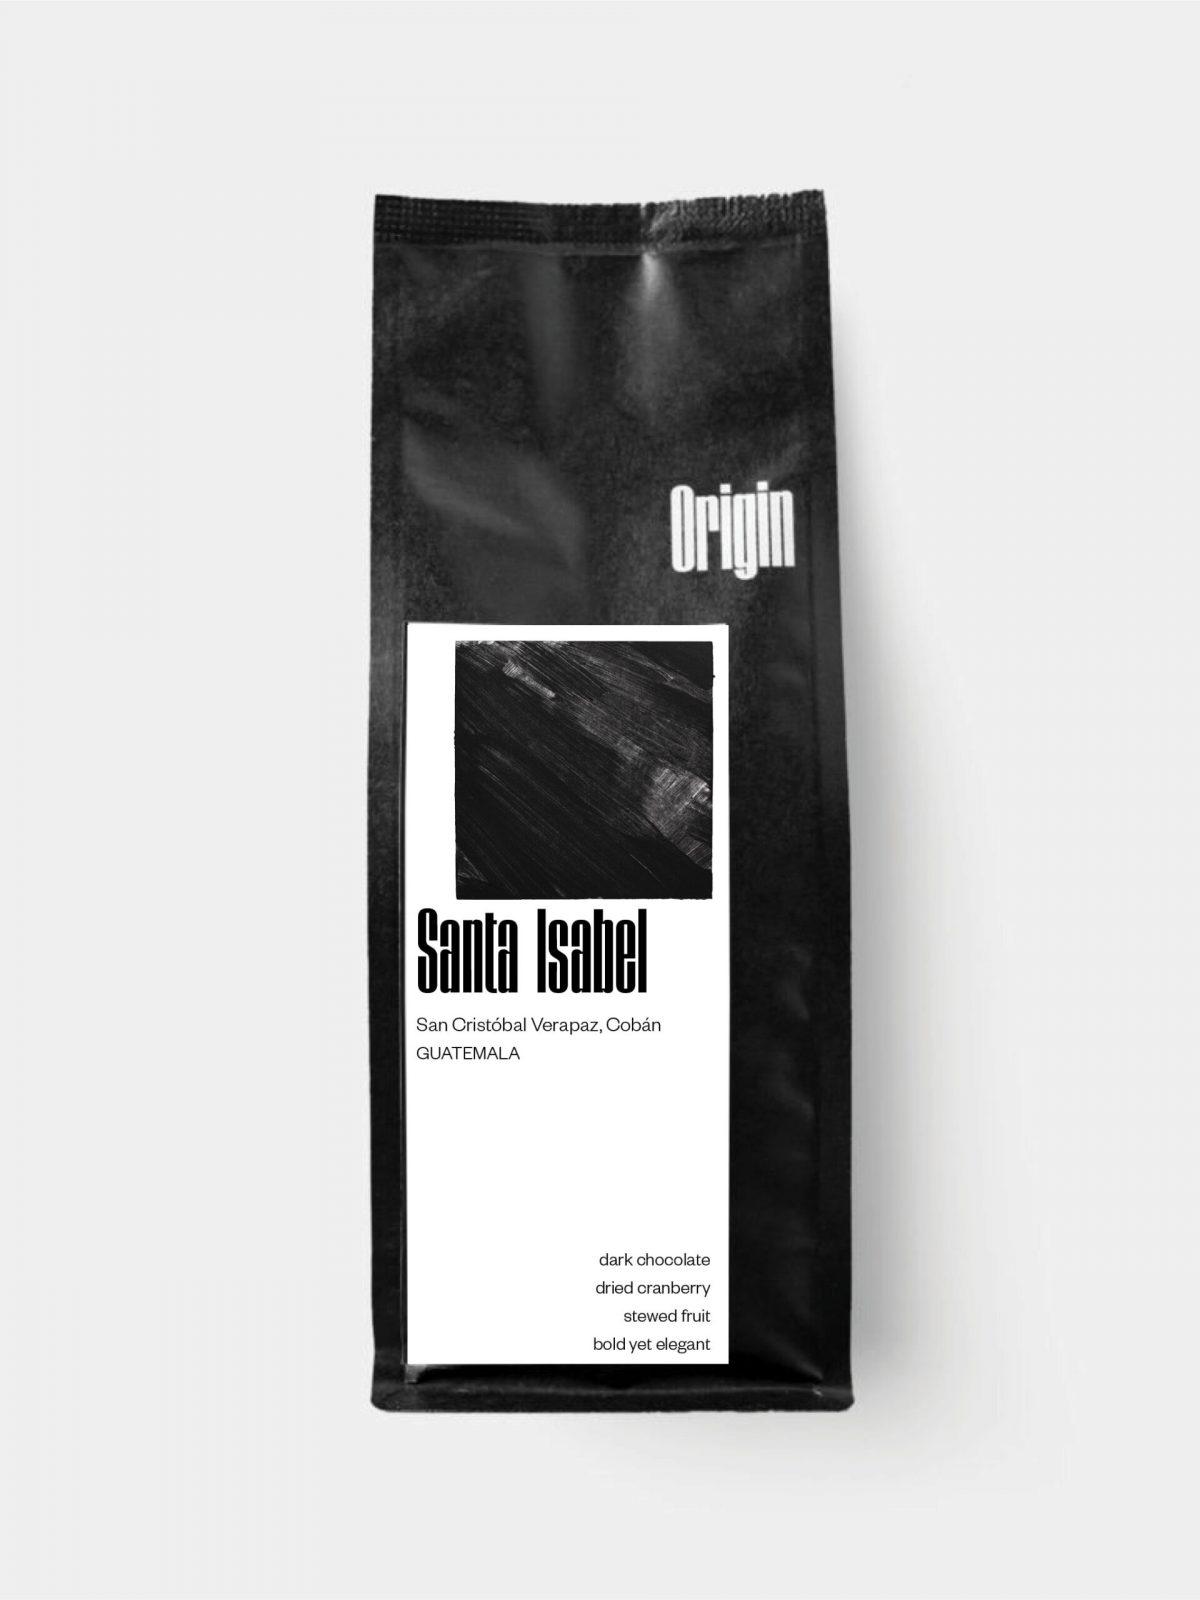 Guatemala Santa Isabel - on the 250g bag